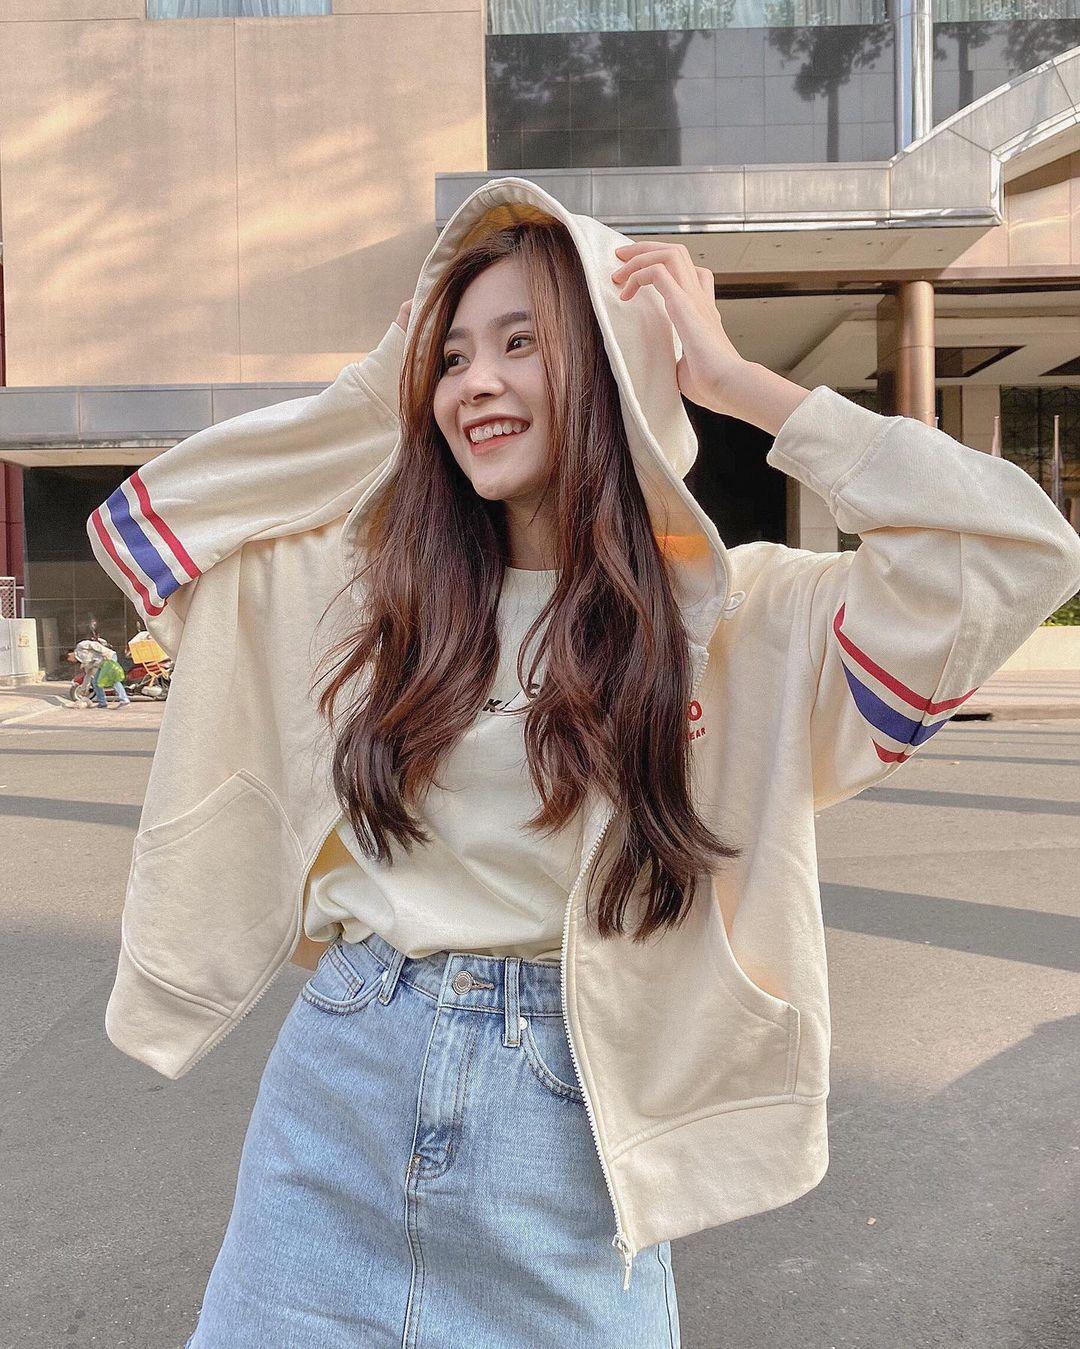 Sài Gòn lạnh rồi, sắm ngay áo khoác trendy từ 400k - Ảnh 2.